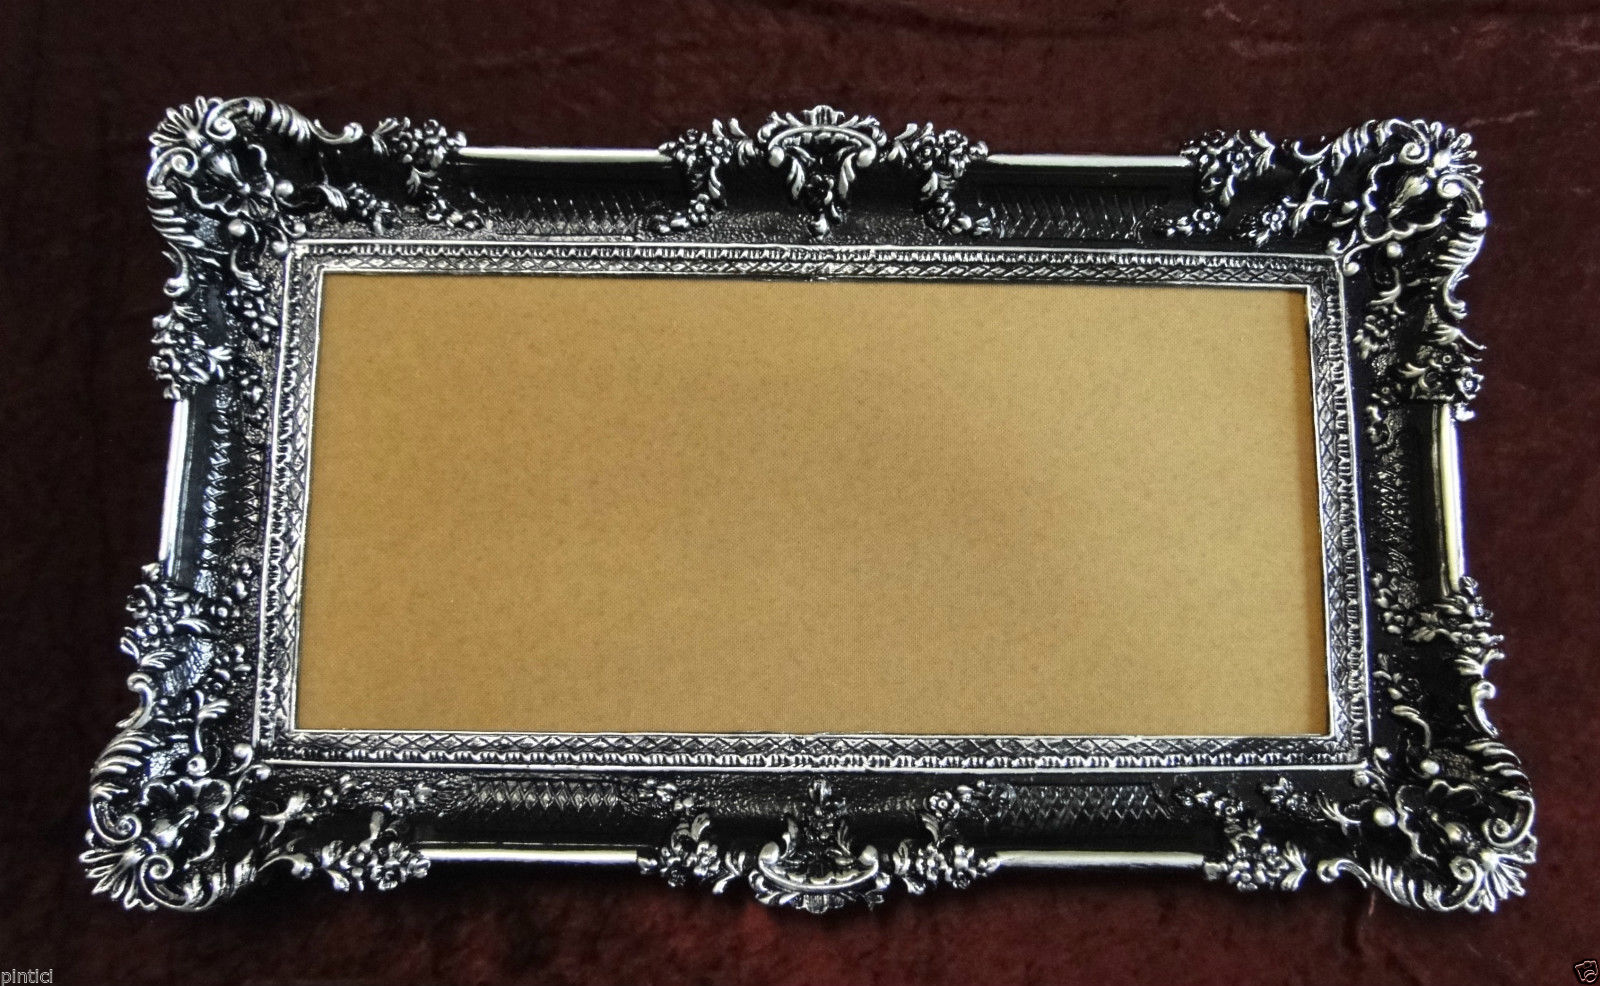 bilderrahmen jugendstil schwarz silber 96x57 spiegelrahmen antik gem lderahmen kaufen bei. Black Bedroom Furniture Sets. Home Design Ideas